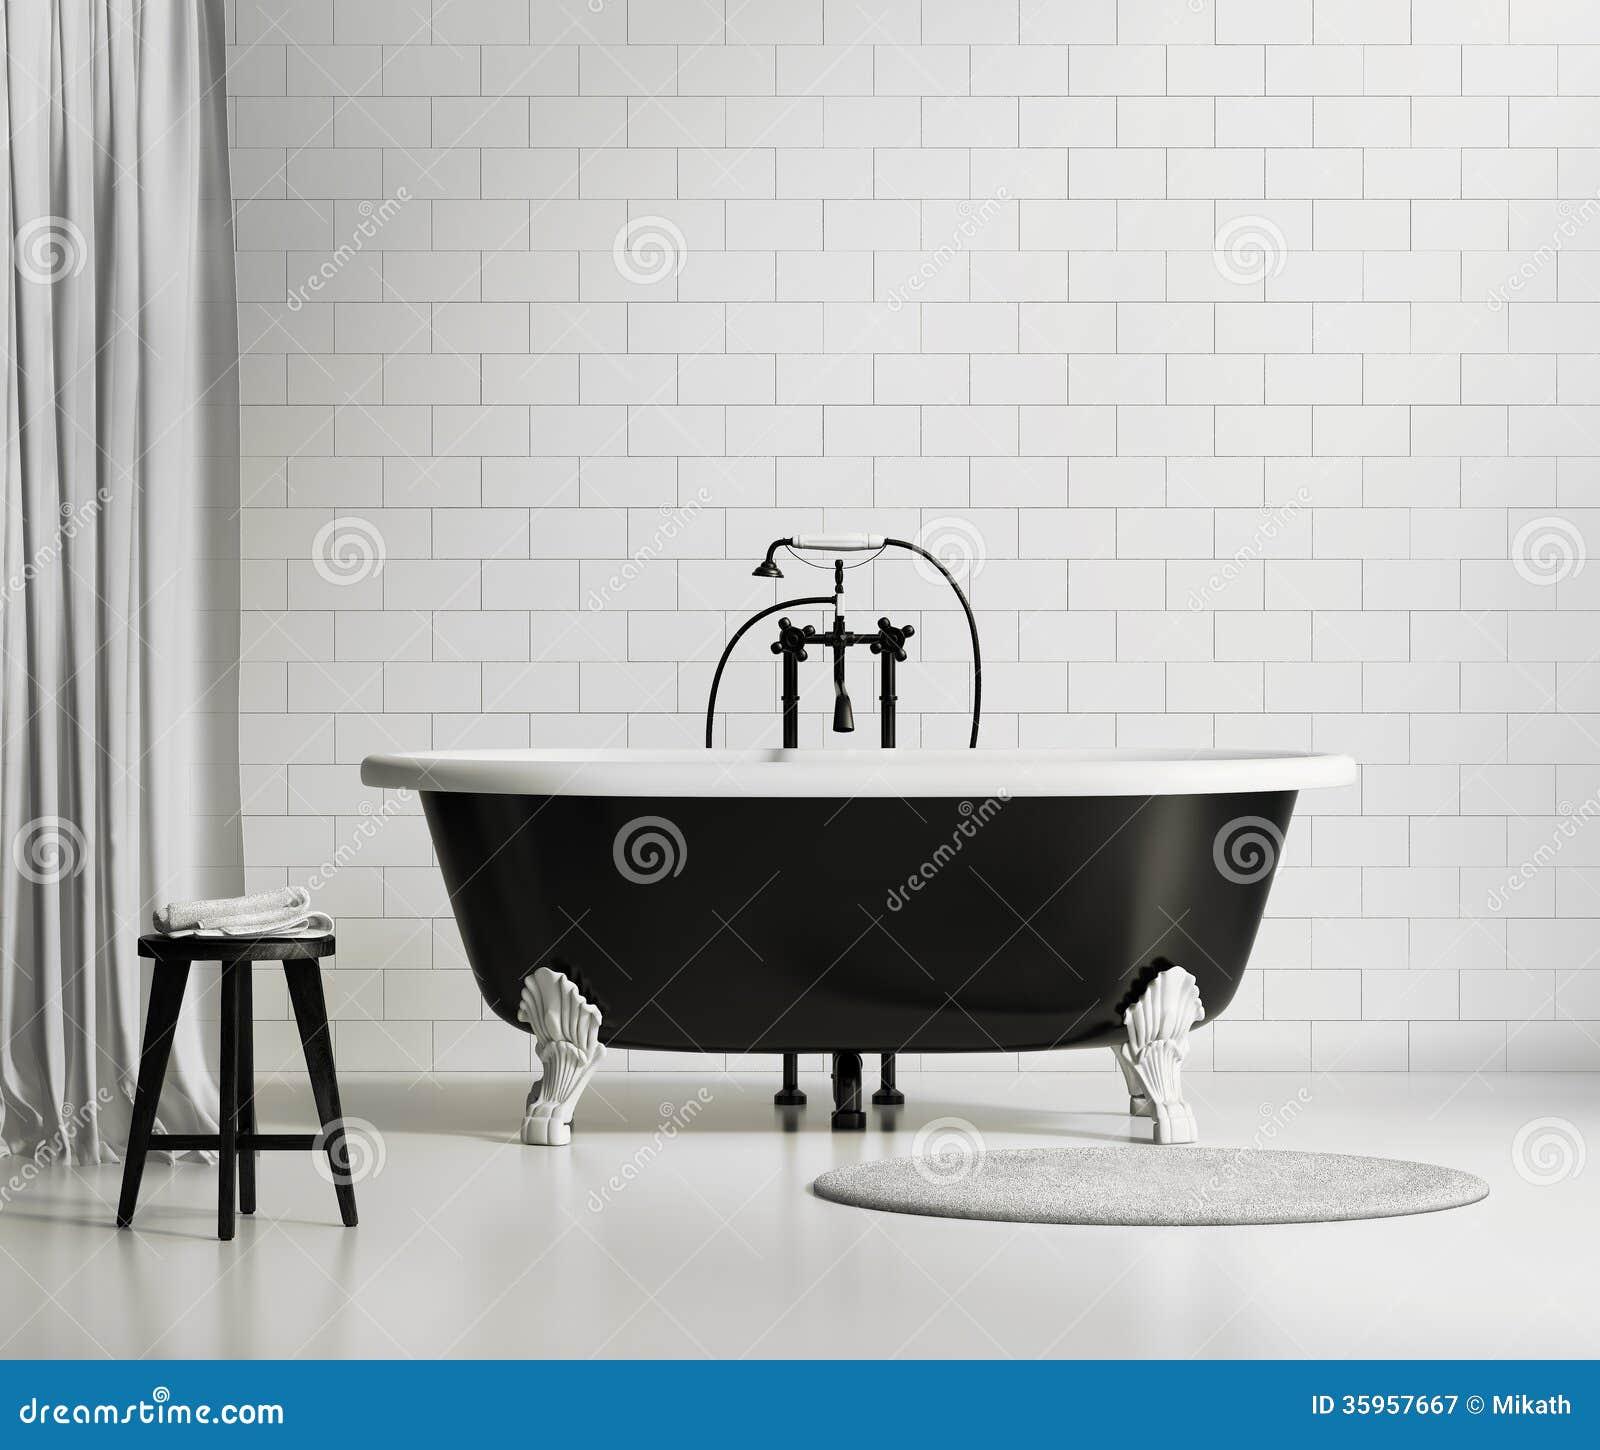 baignoire classique noire et blanche photographie stock libre de droits image 35957667. Black Bedroom Furniture Sets. Home Design Ideas